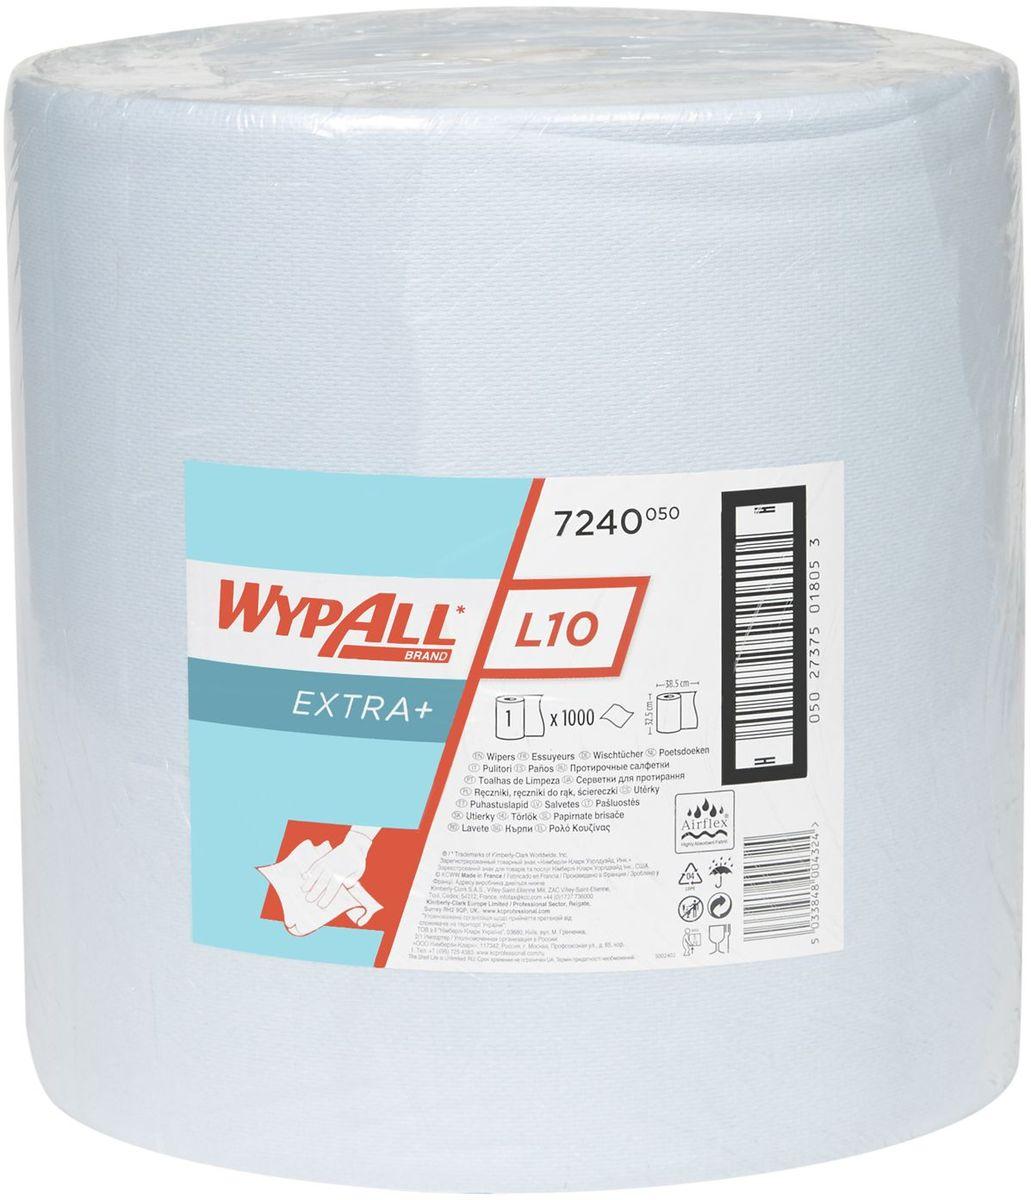 Полотенца бумажные Wypall L10 Extra, 1000 шт. 7240SZ-14Бумажные полотенца Wypall L10 Extra изготовленные из целлюлозы, обладают отличной впитывающей способностью, долговечностью и прочностью, как в сухом, так и во влажном состоянии. Подходят для работы по очистке от клея, масла, мусора, стекол, а также для прецизионной очистки сложных механизмов и деталей. Бумажные полотенца Wypall L10 Extra могут использоваться с переносными или стационарными диспенсерами для контроля расхода продукта и уменьшения объема отходов.Количество полотенец: 1000 шт.